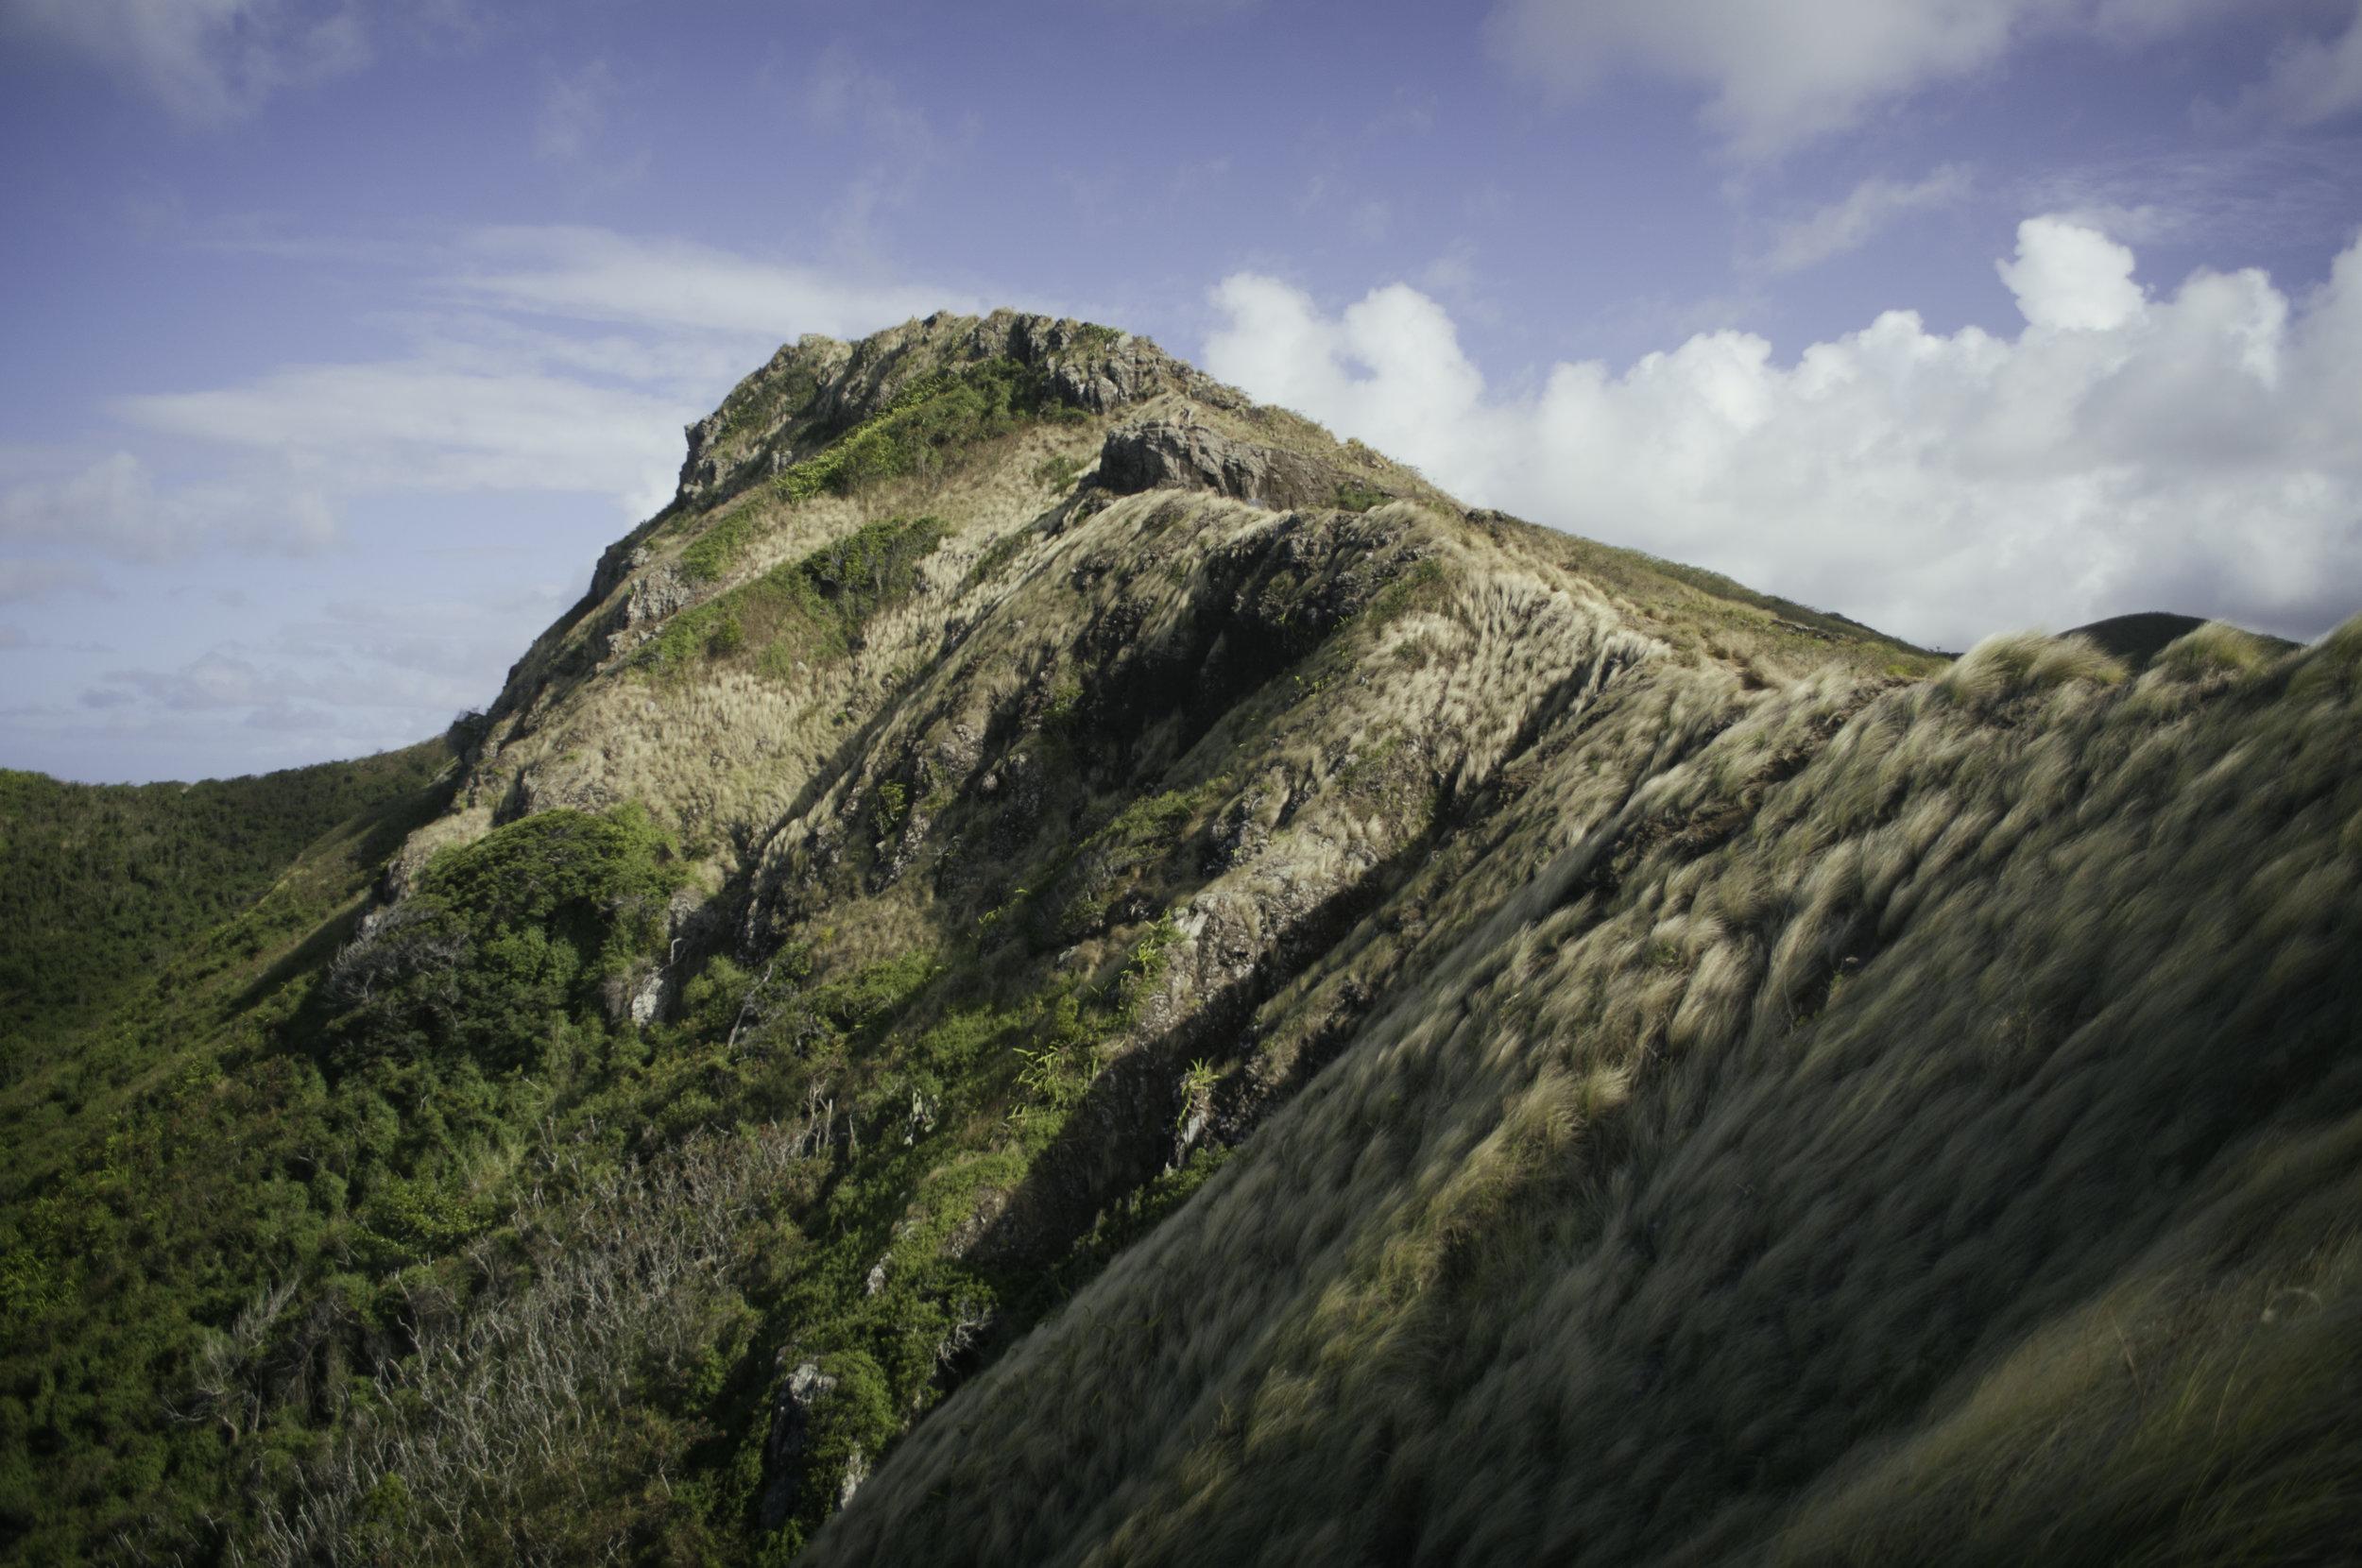 Landscape_HI001.jpg